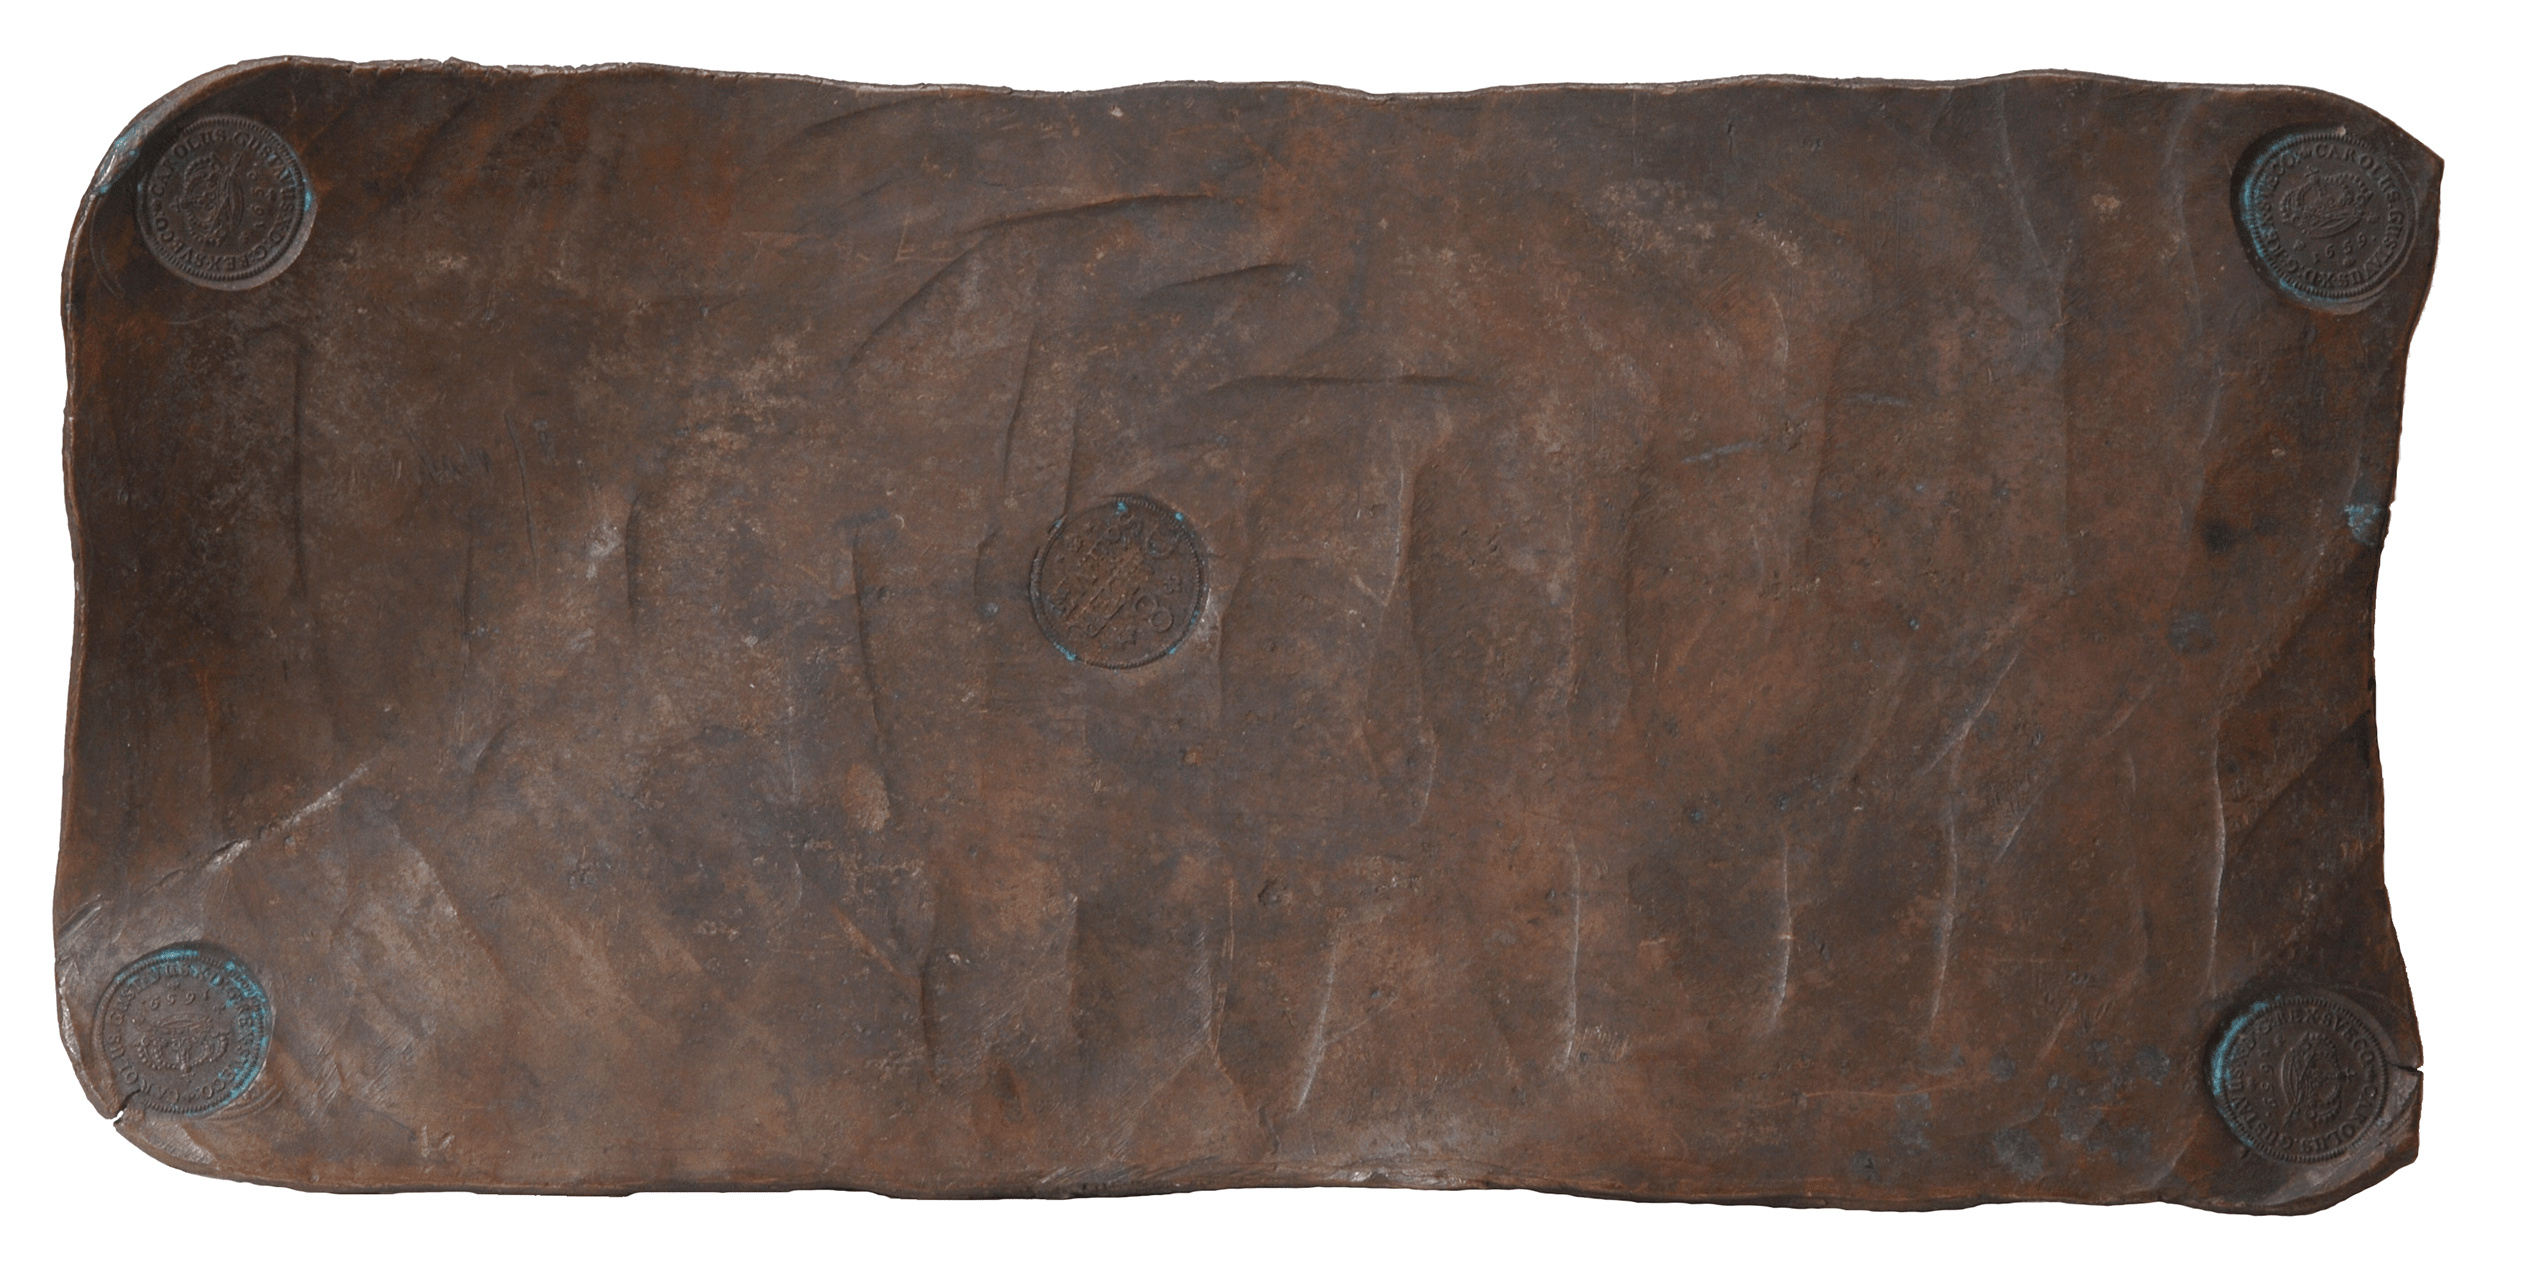 8 далеров серебром 1659 г.